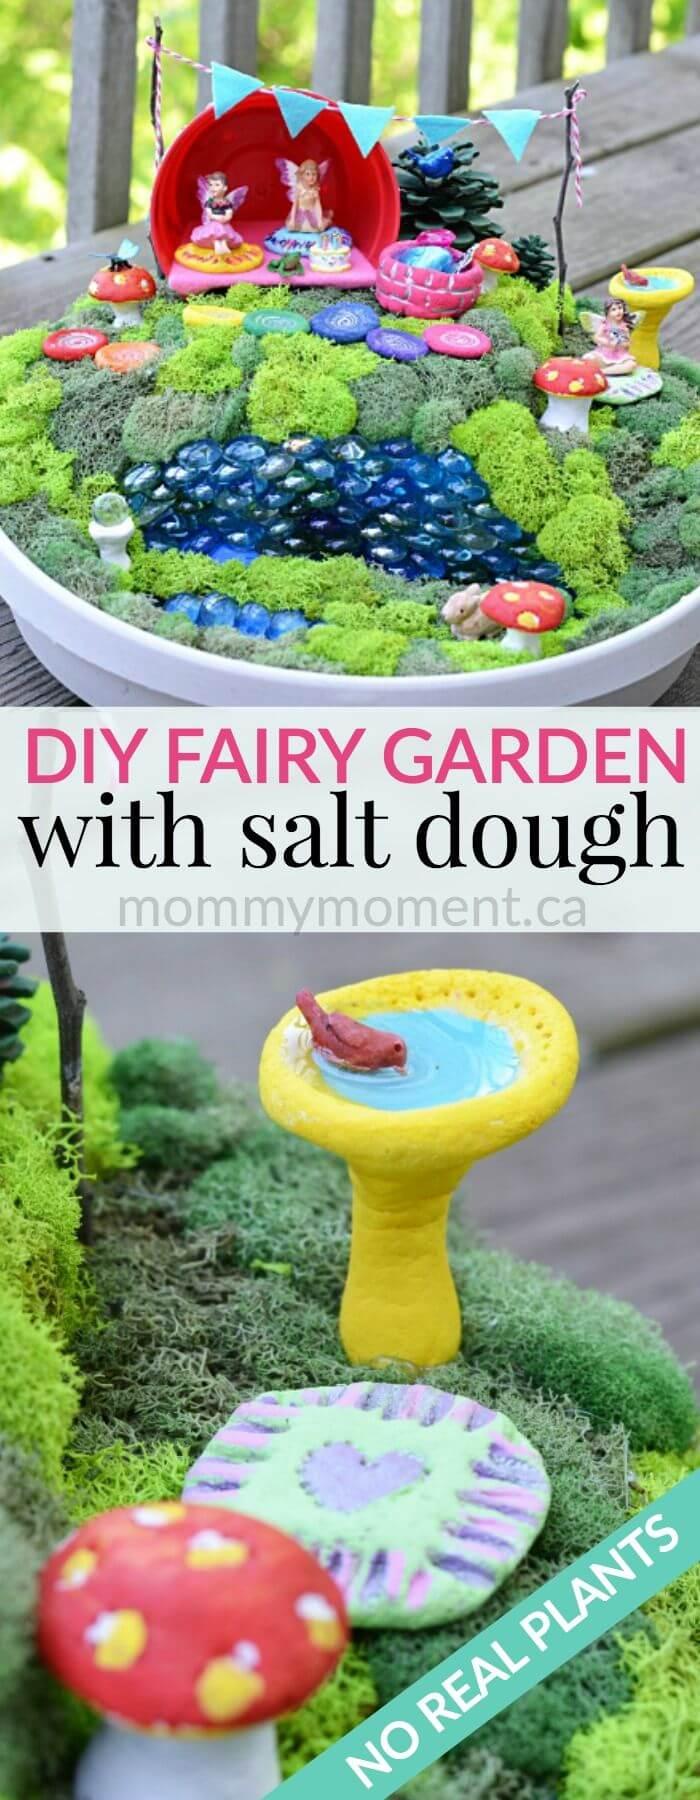 Fullsize Of Homemade Fairy Garden Items